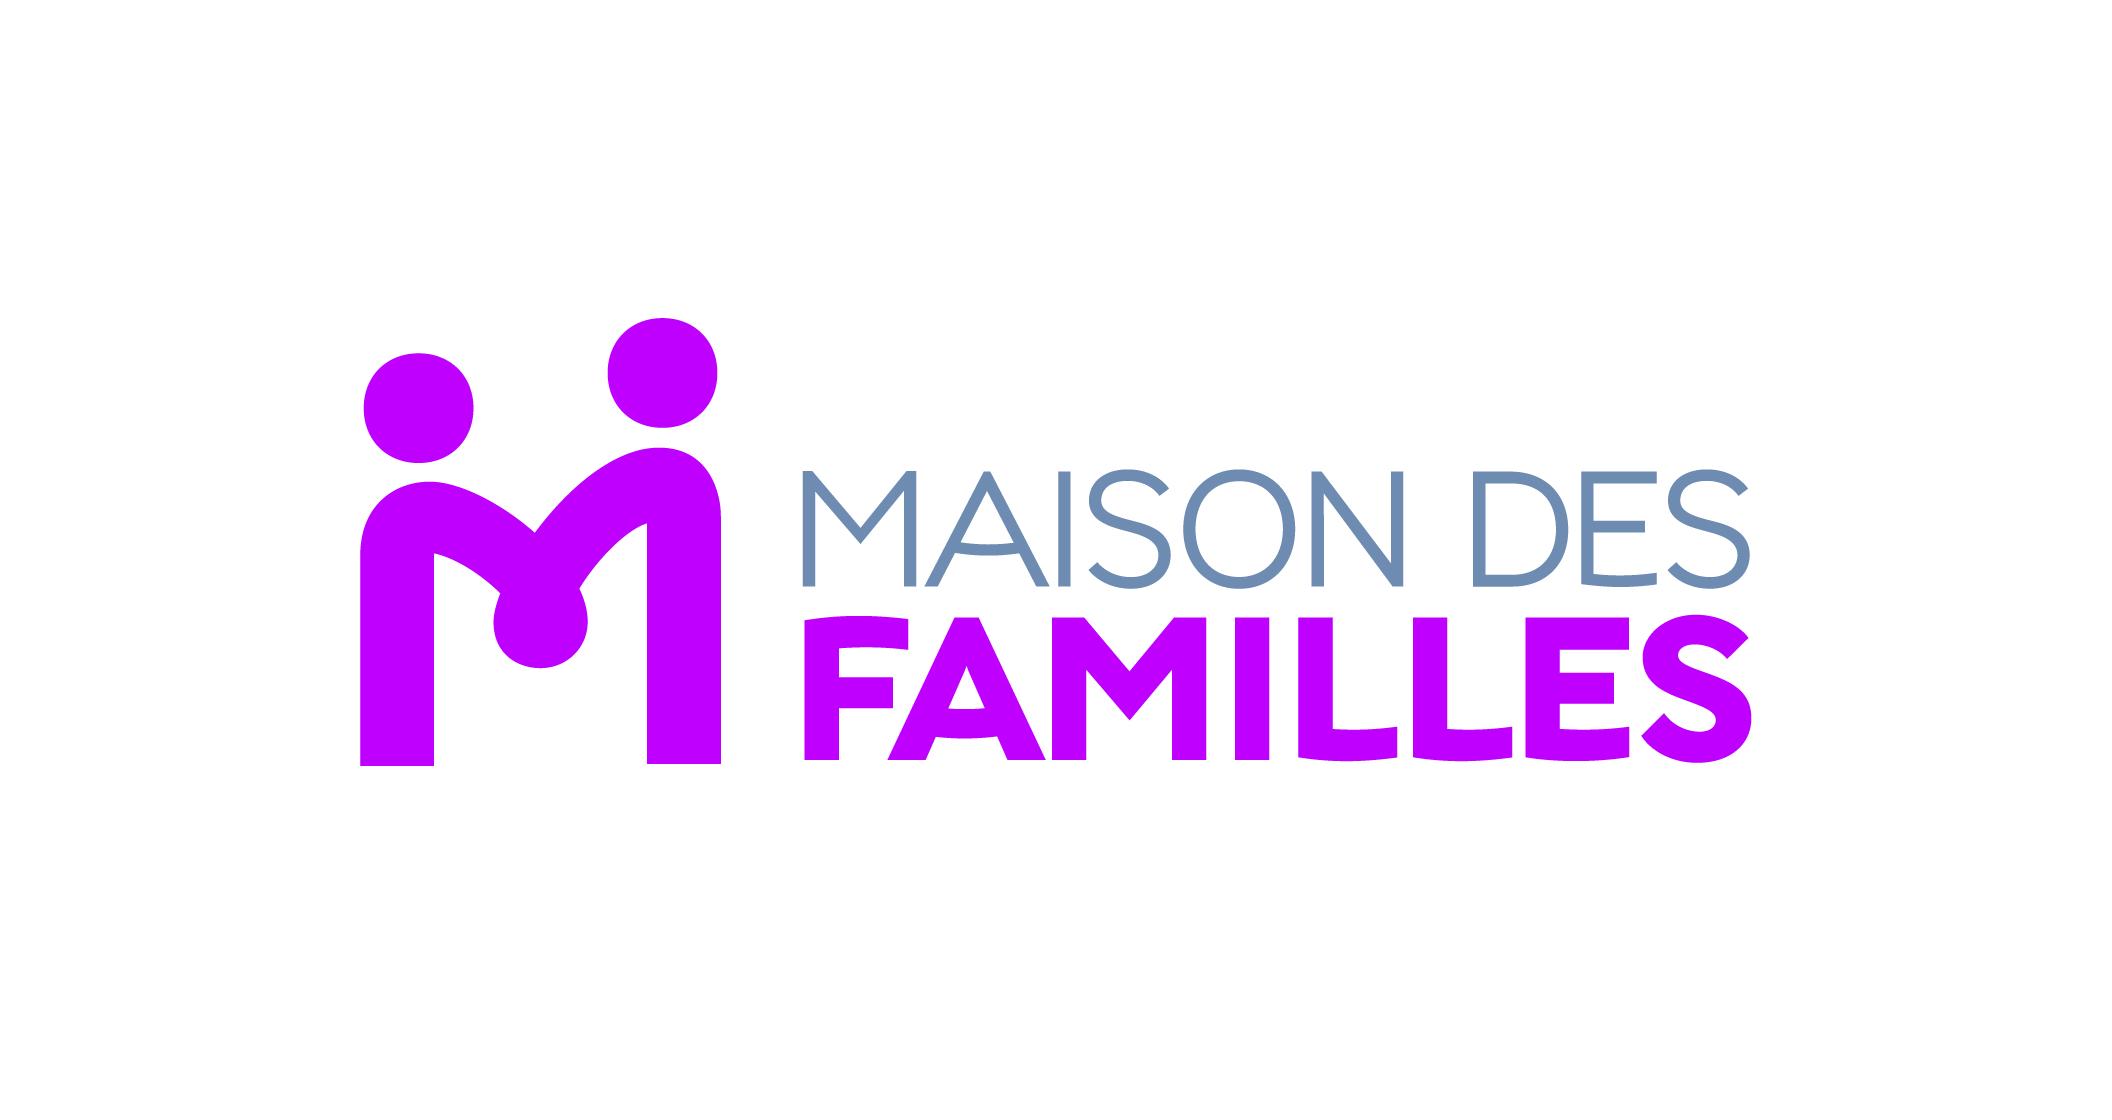 LOGO_MAISON_DES_FAMILLES_CMJN